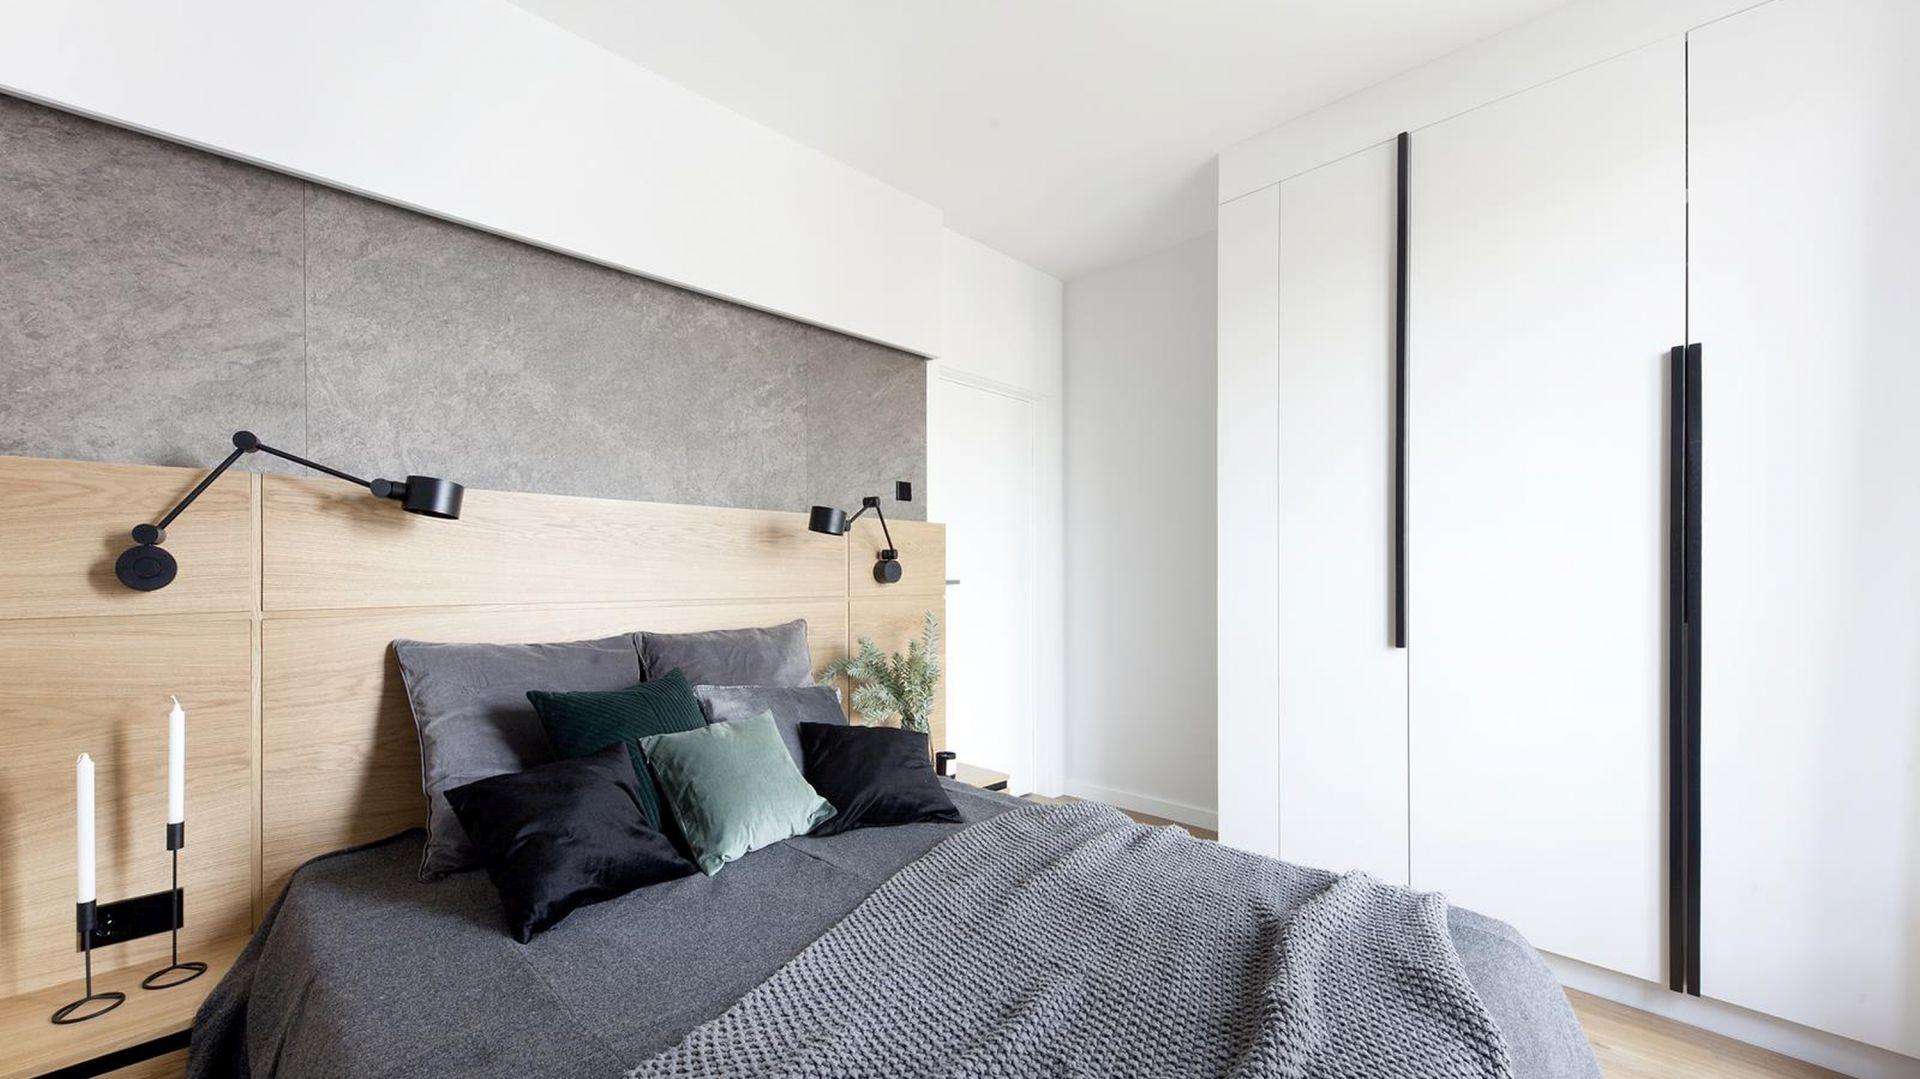 Niewielka przestrzeń sypialni to główna przesłanka decydująca o wyborze szafy na wymiar. Projekt Studio Loko